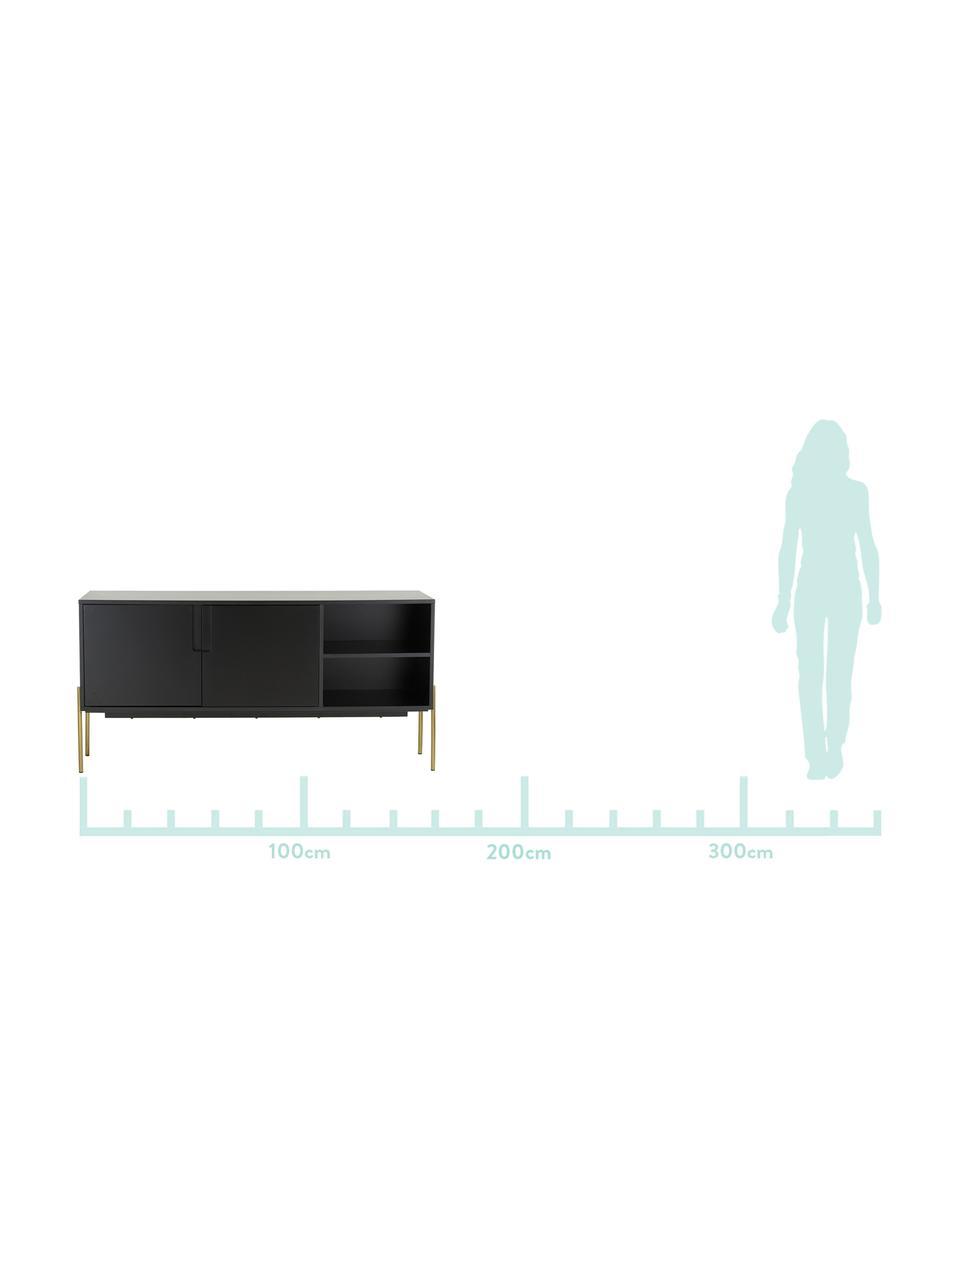 Sideboard Jesper mit Türen in Schwarz, Korpus: Mitteldichte Holzfaserpla, Füße: Metall, lackiert, Korpus: SchwarzFüße: Goldfarben, glänzend, 160 x 80 cm